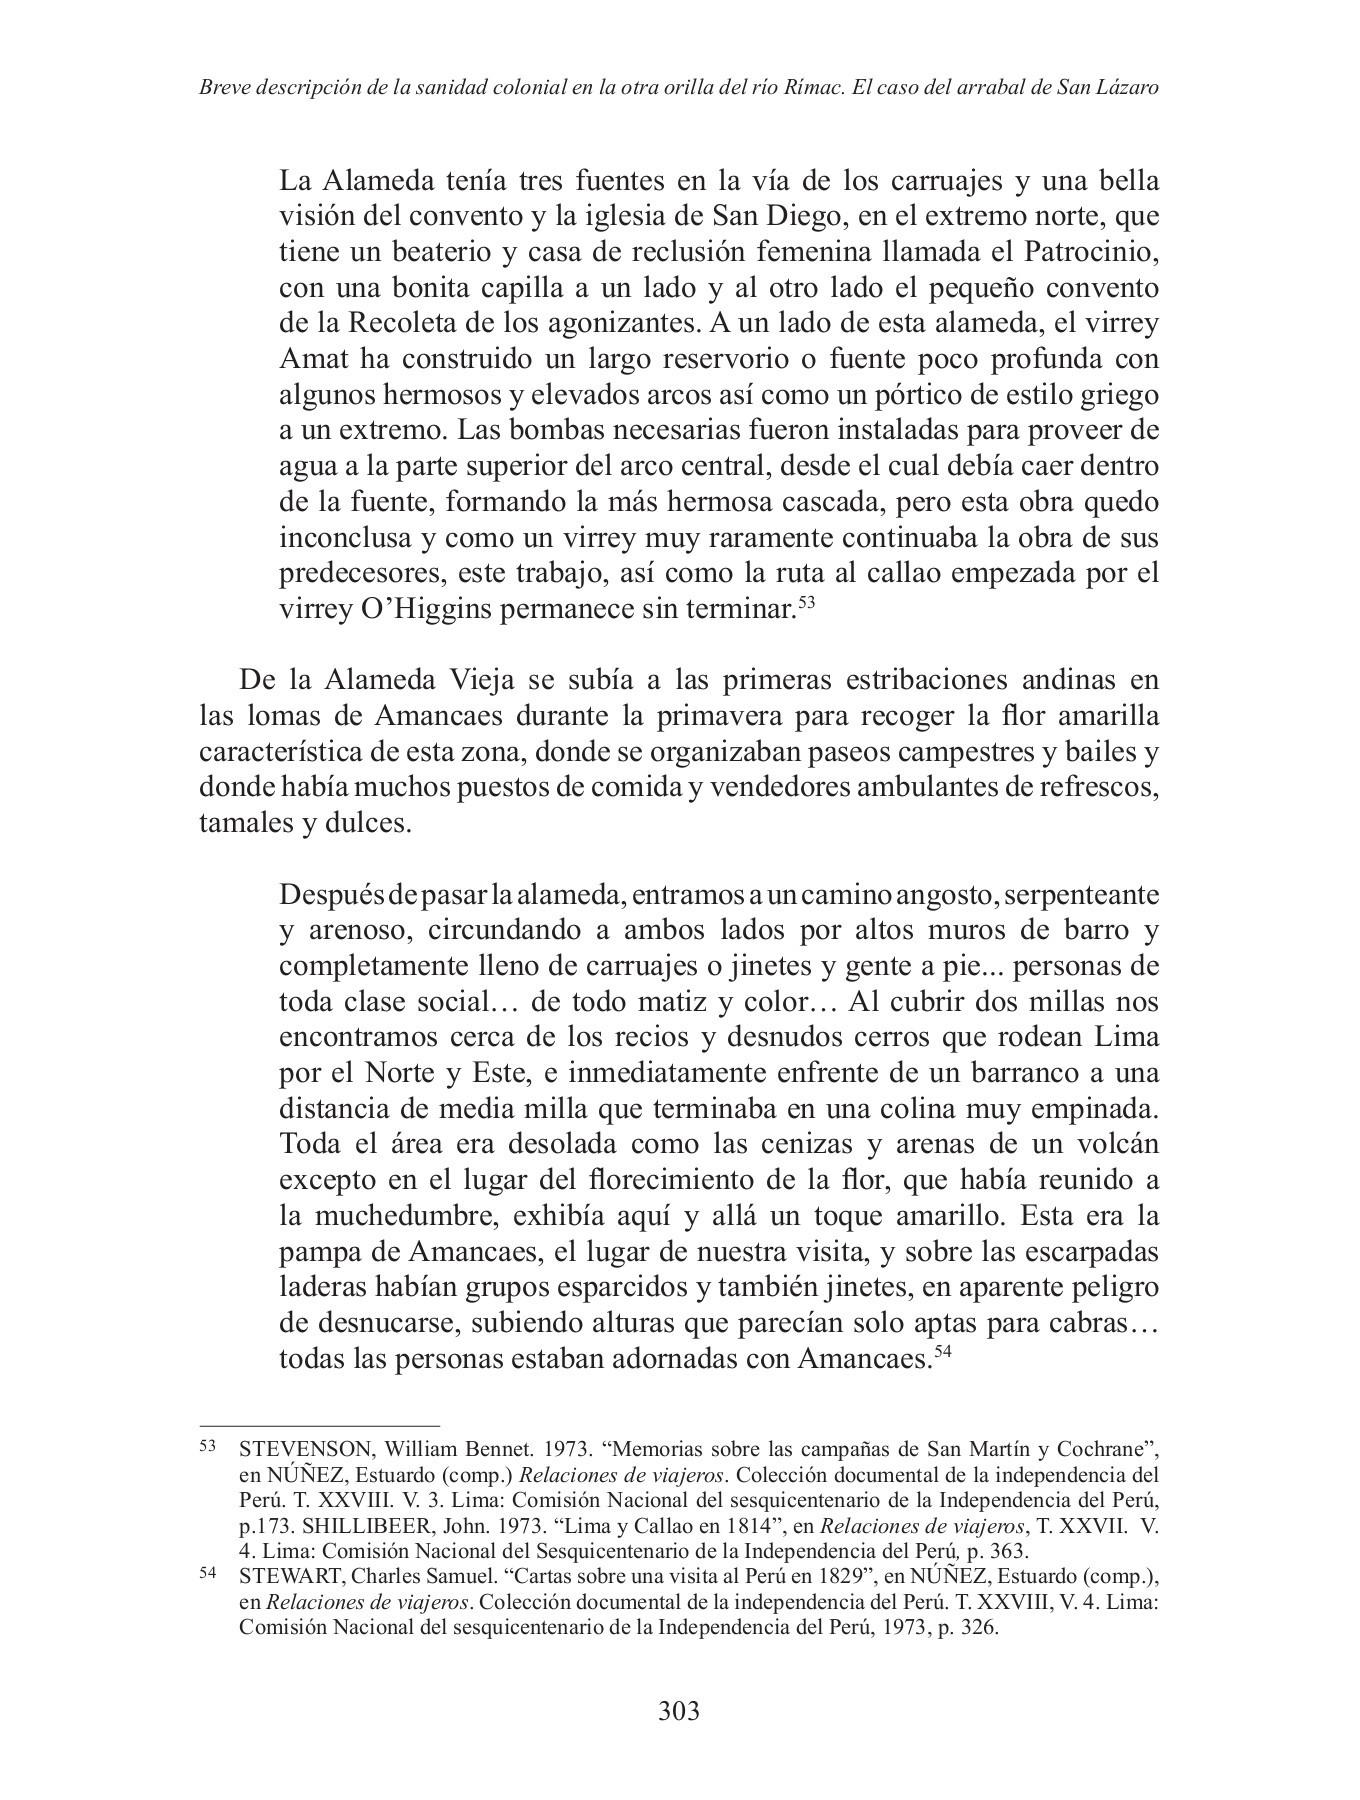 Citas En Linea Rimac 85740